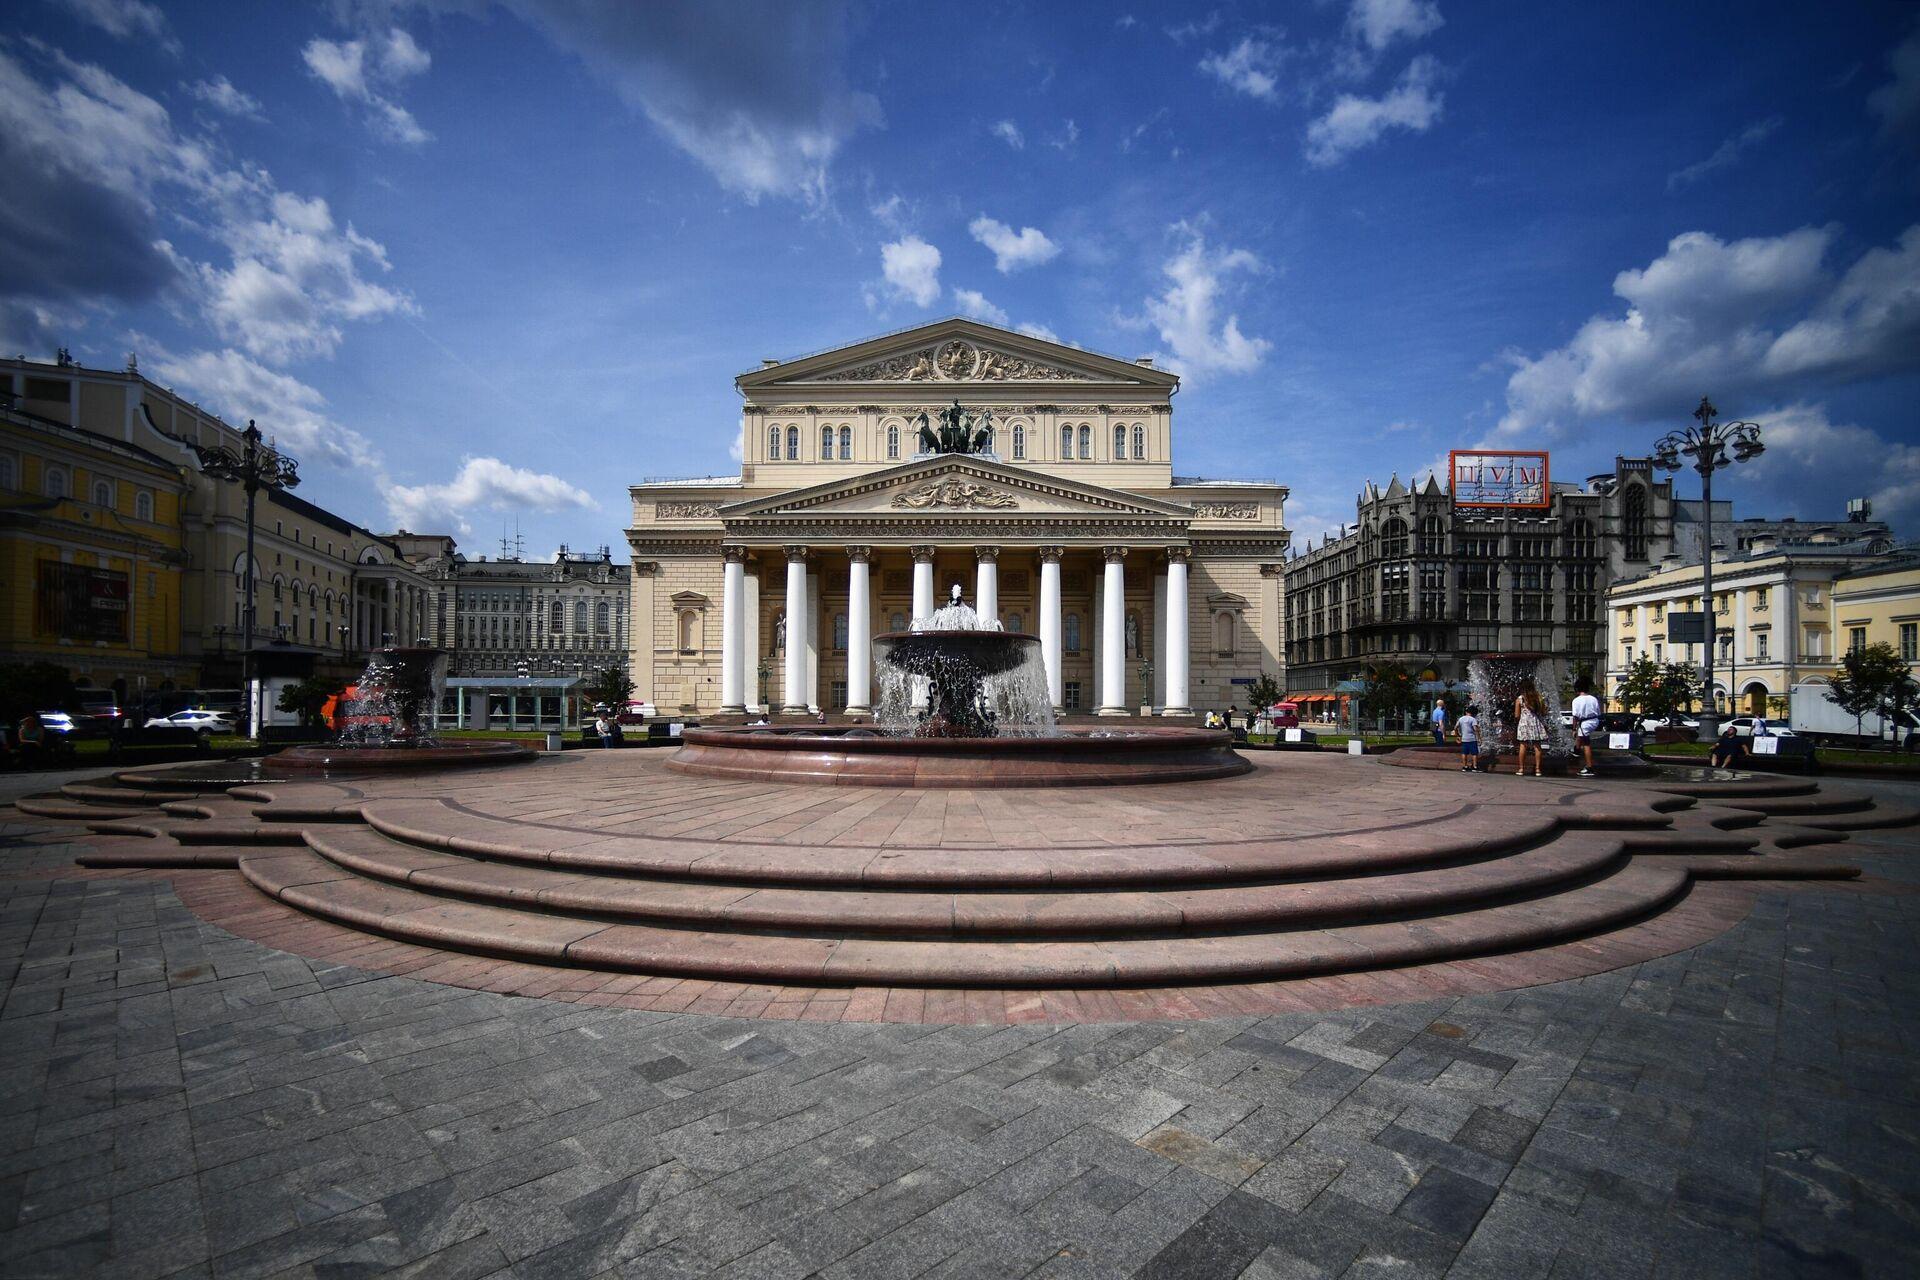 Фонтан Витали на Театральной площади - РИА Новости, 1920, 24.05.2021